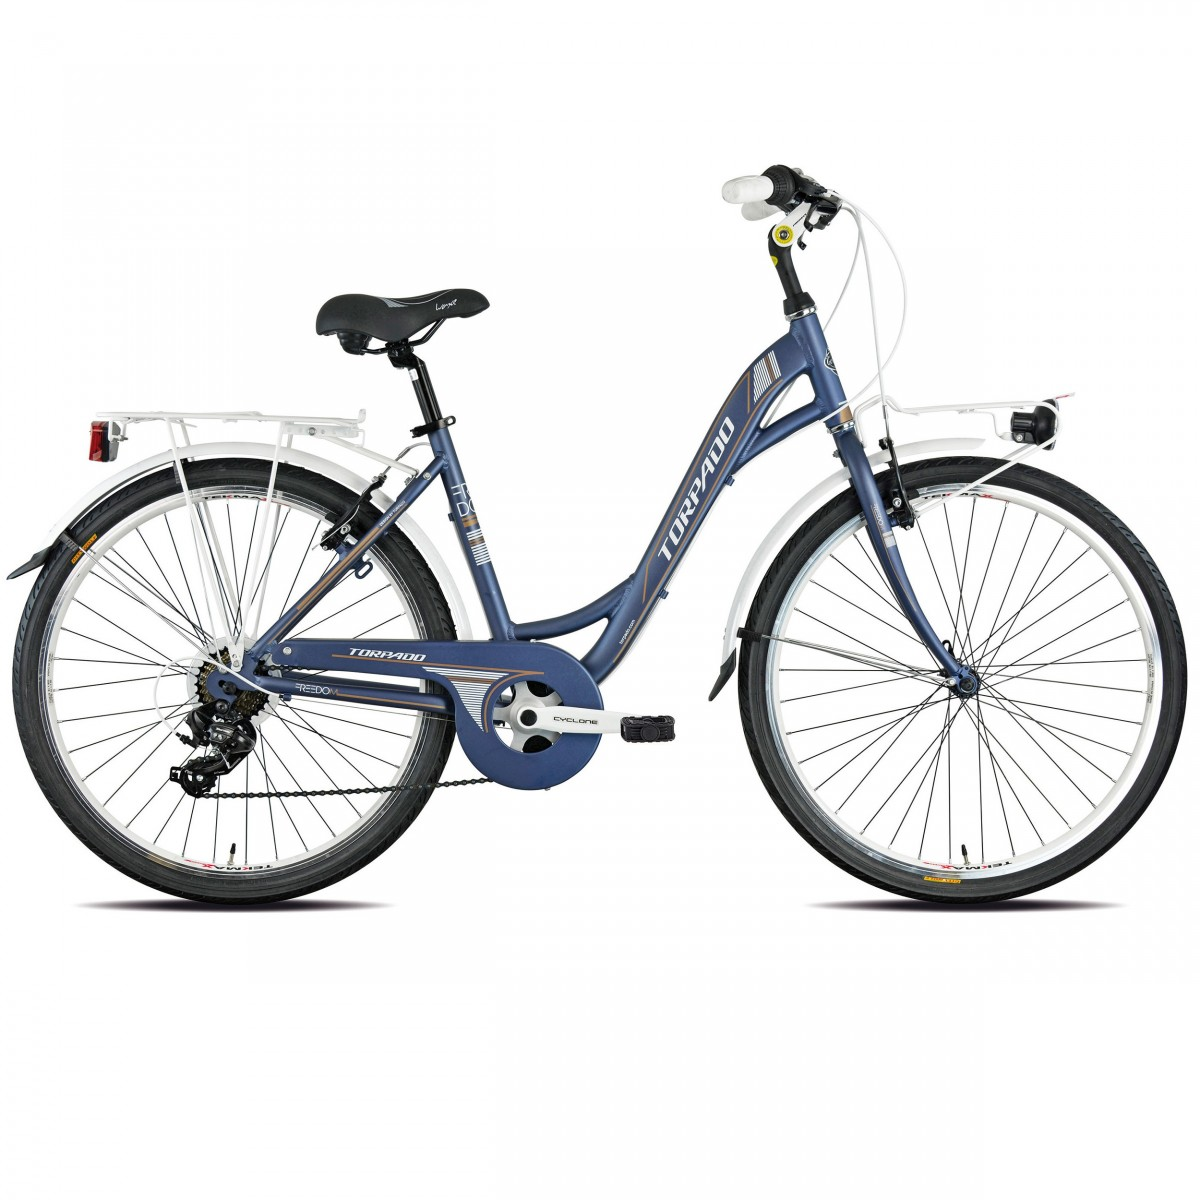 T461 Freedom Blue City Bike 2019